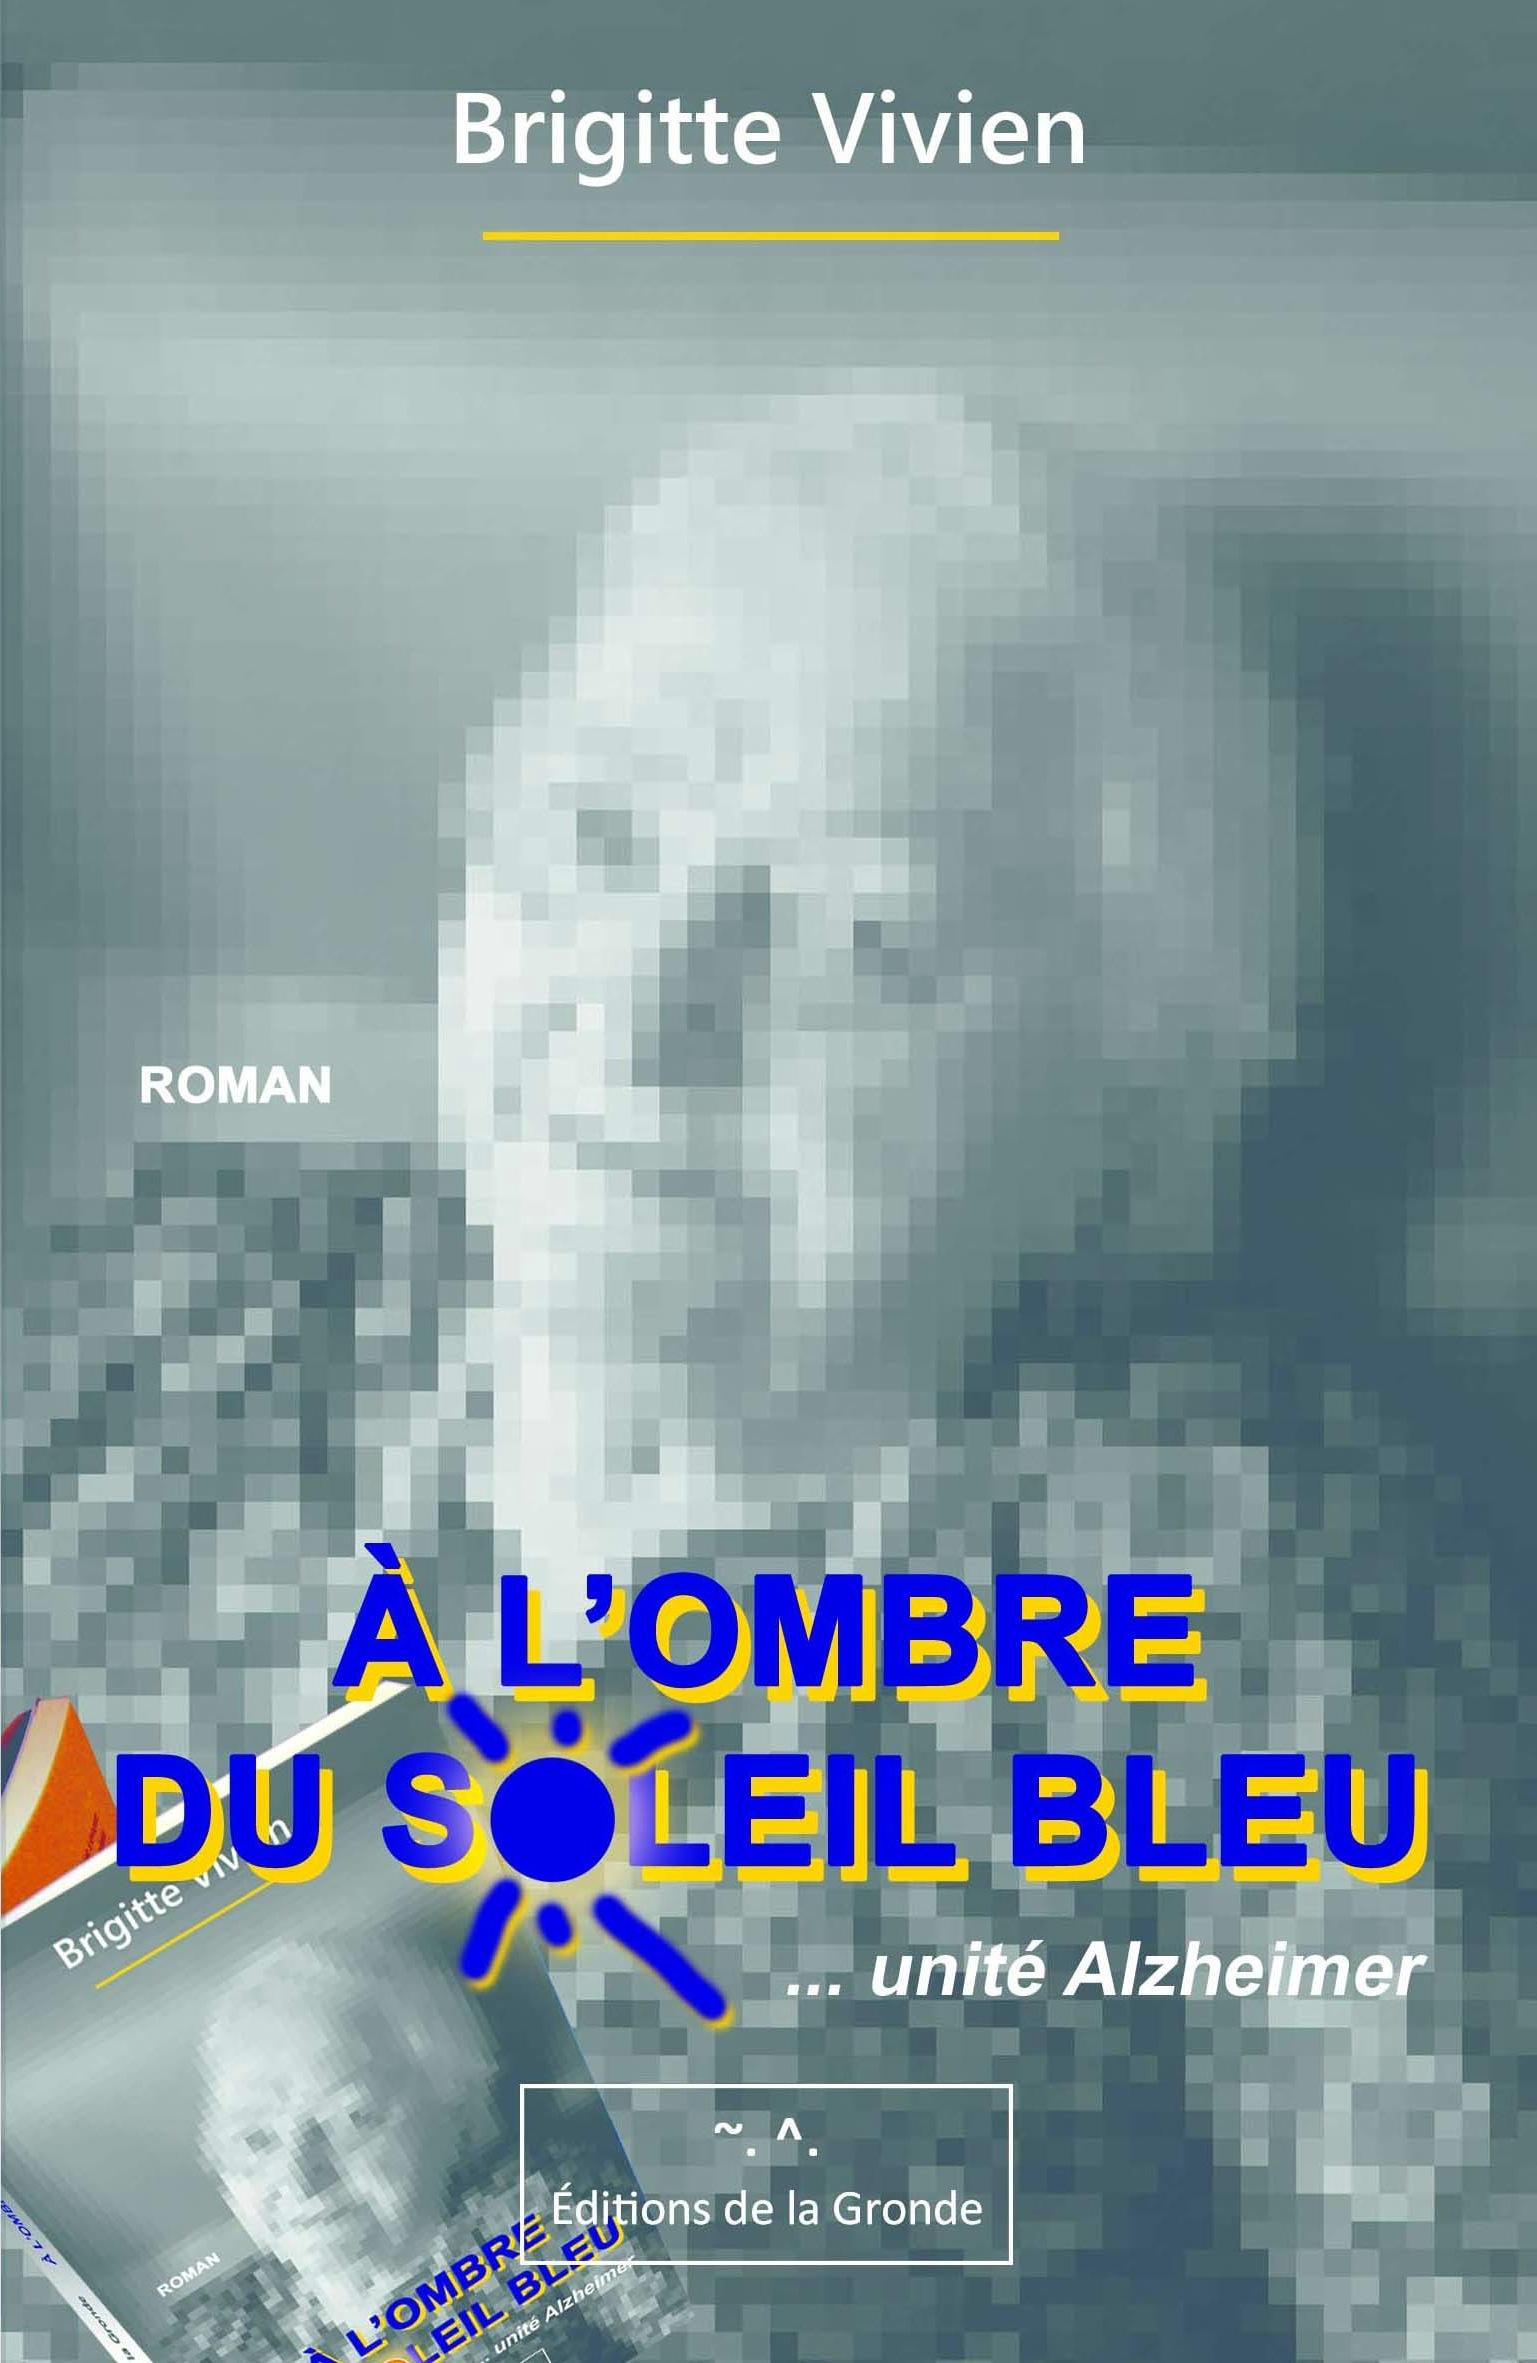 A L'OMBRE DU SOLEIL BLEU